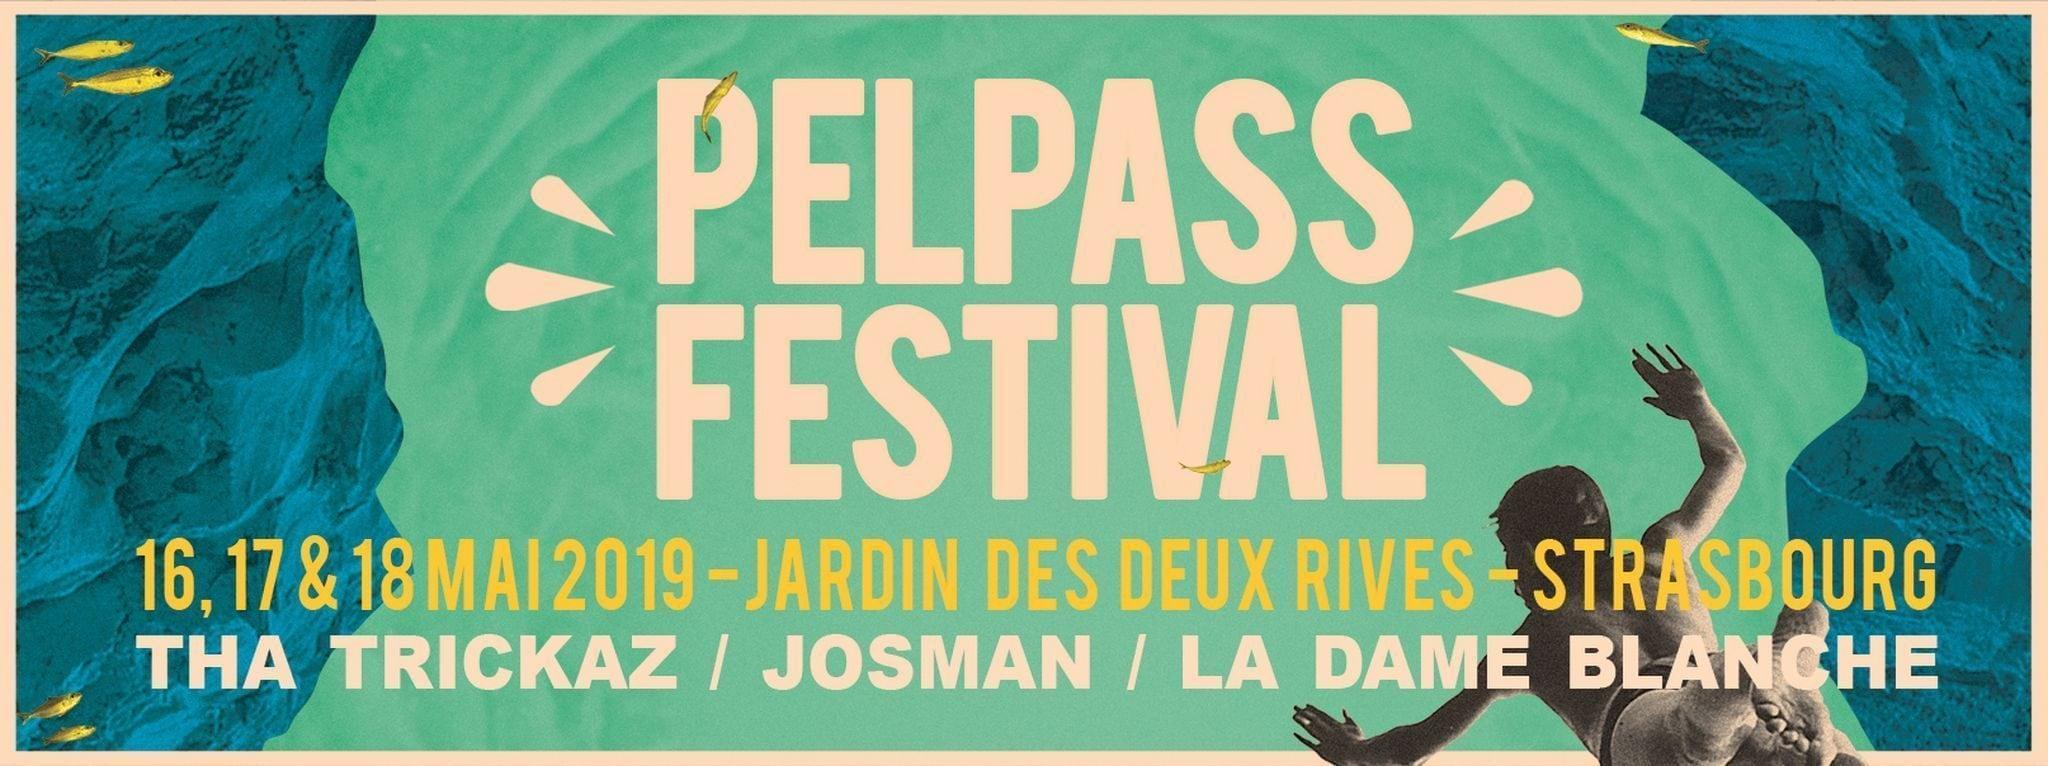 Gagnez des places pour le Pelpass Festival